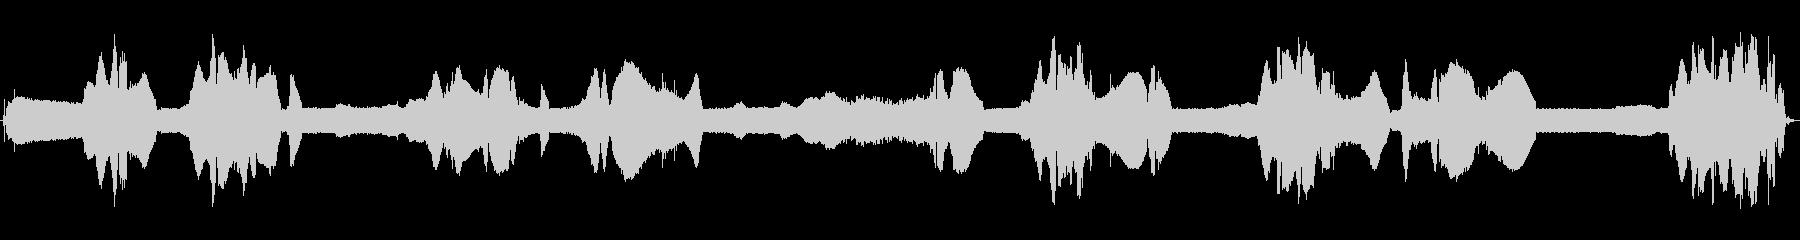 オンボードのメルクール-エンジン、...の未再生の波形